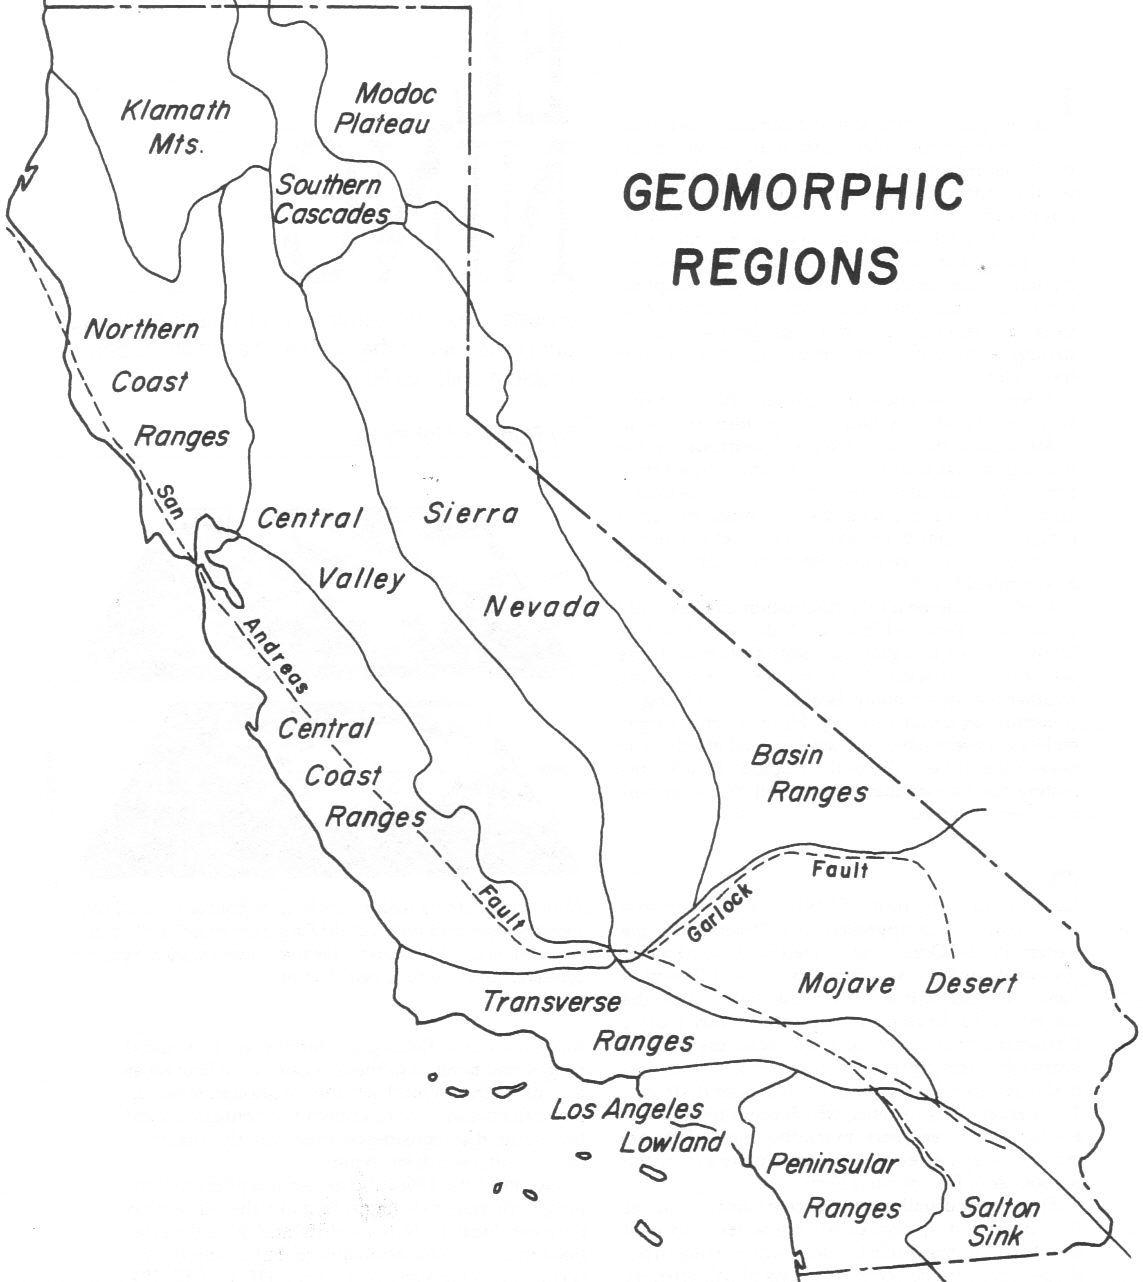 medium resolution of Geomographic regions of California   California map